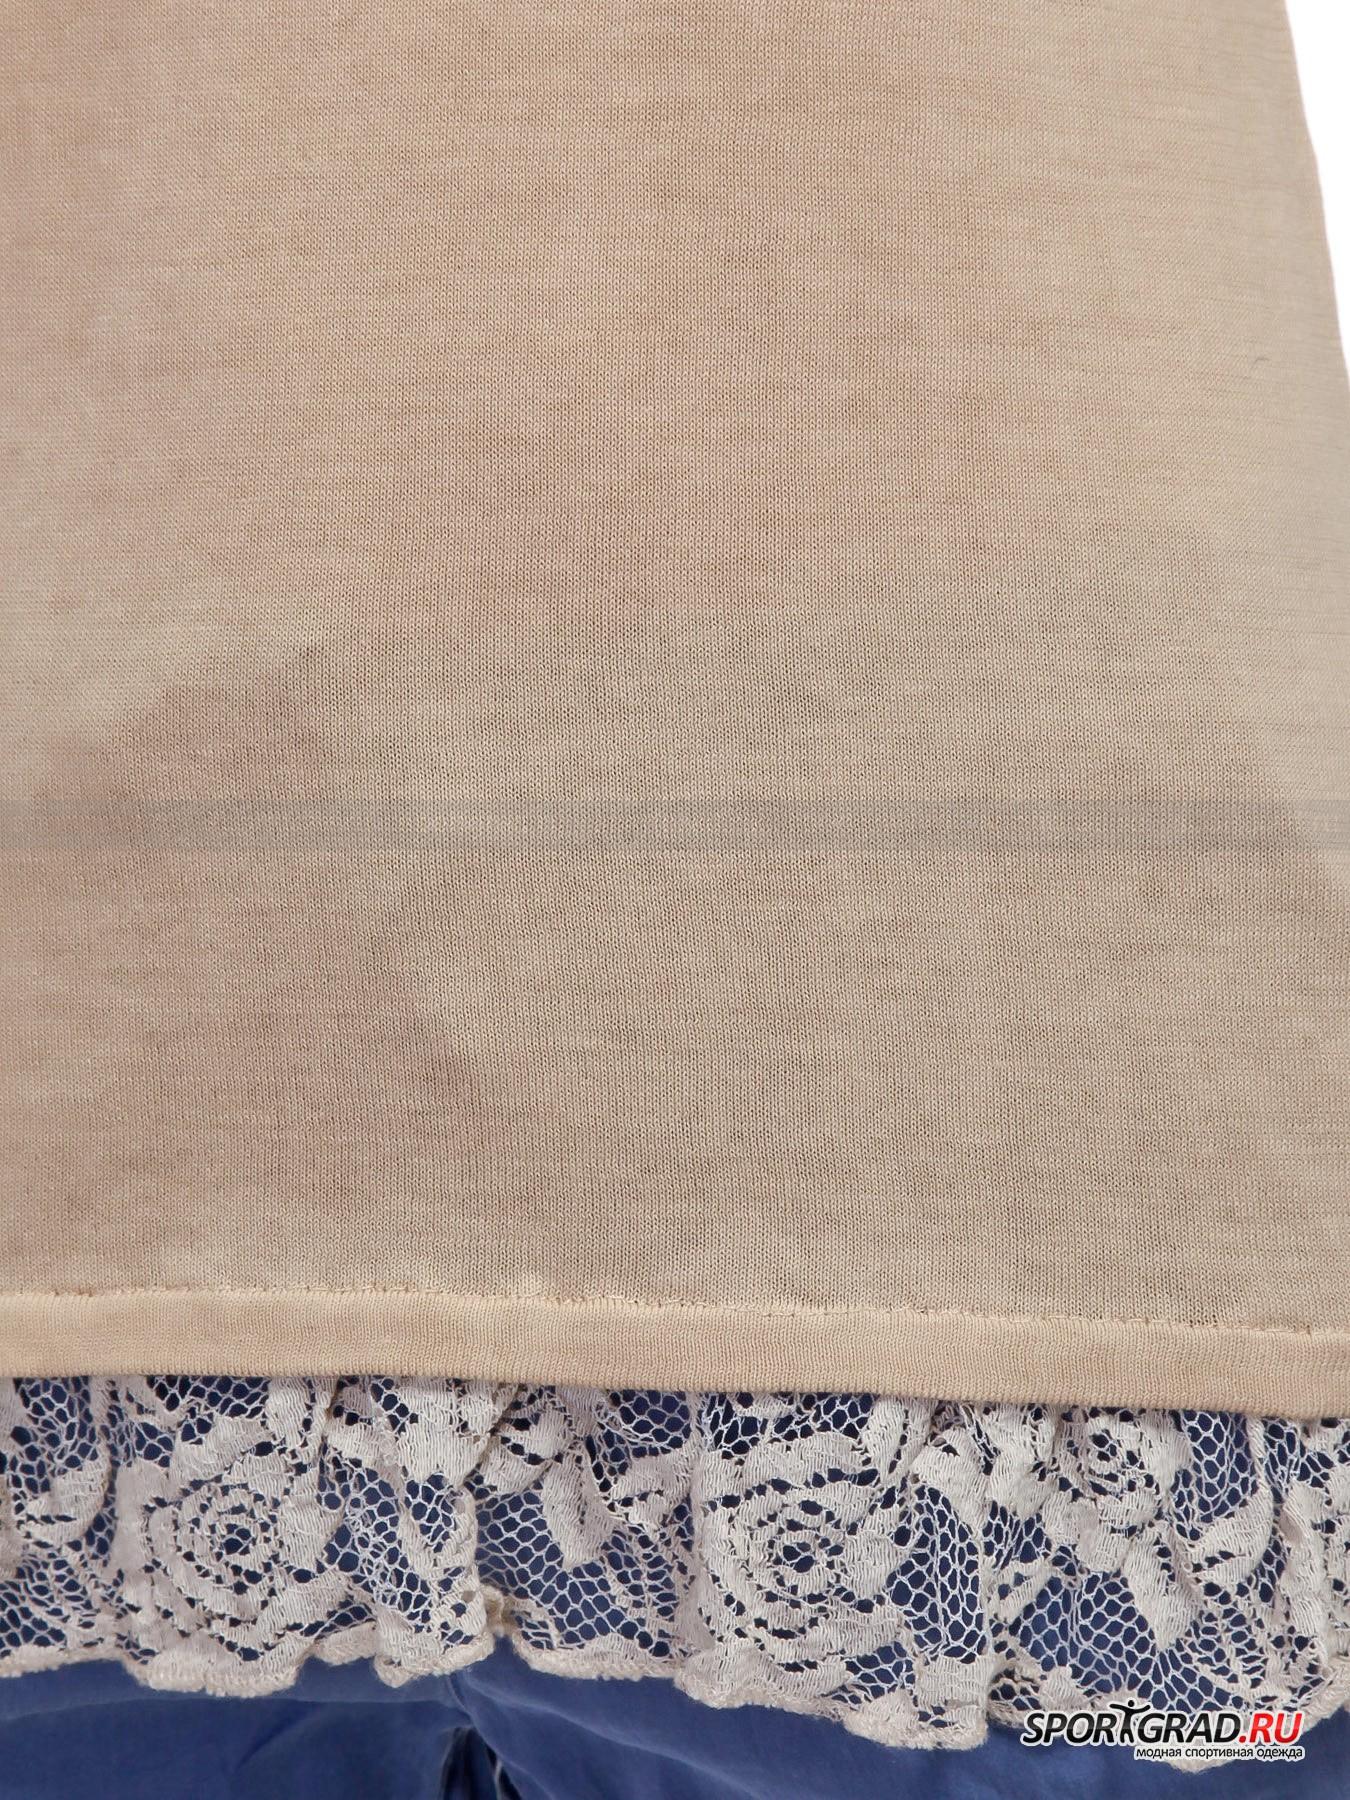 Майка женская Knitted Singlet DEHA с кружевным подолом от Спортград